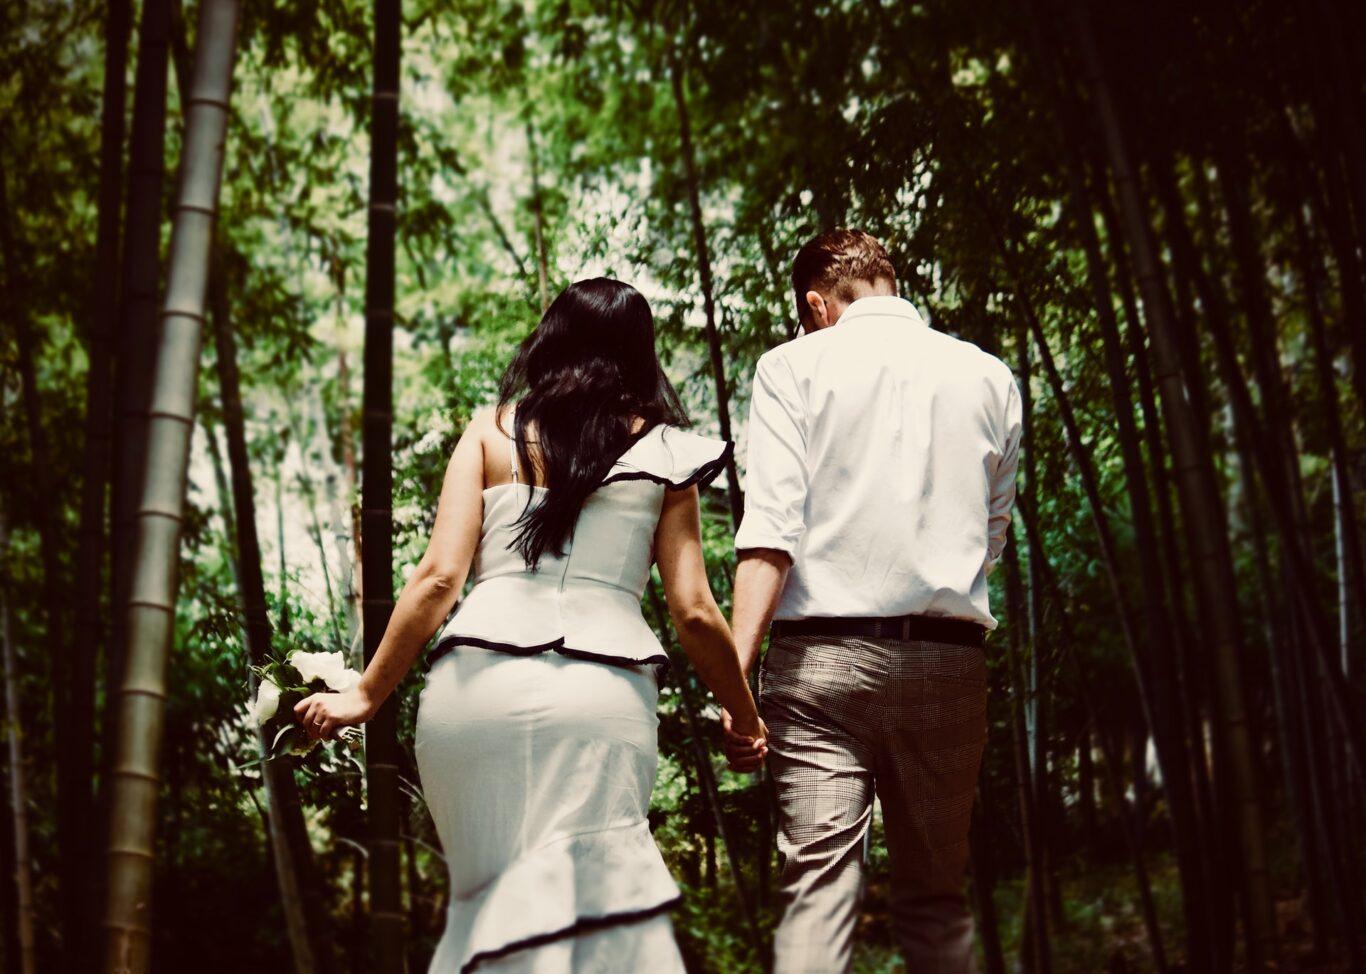 ταινία- ιστορία του γάμου